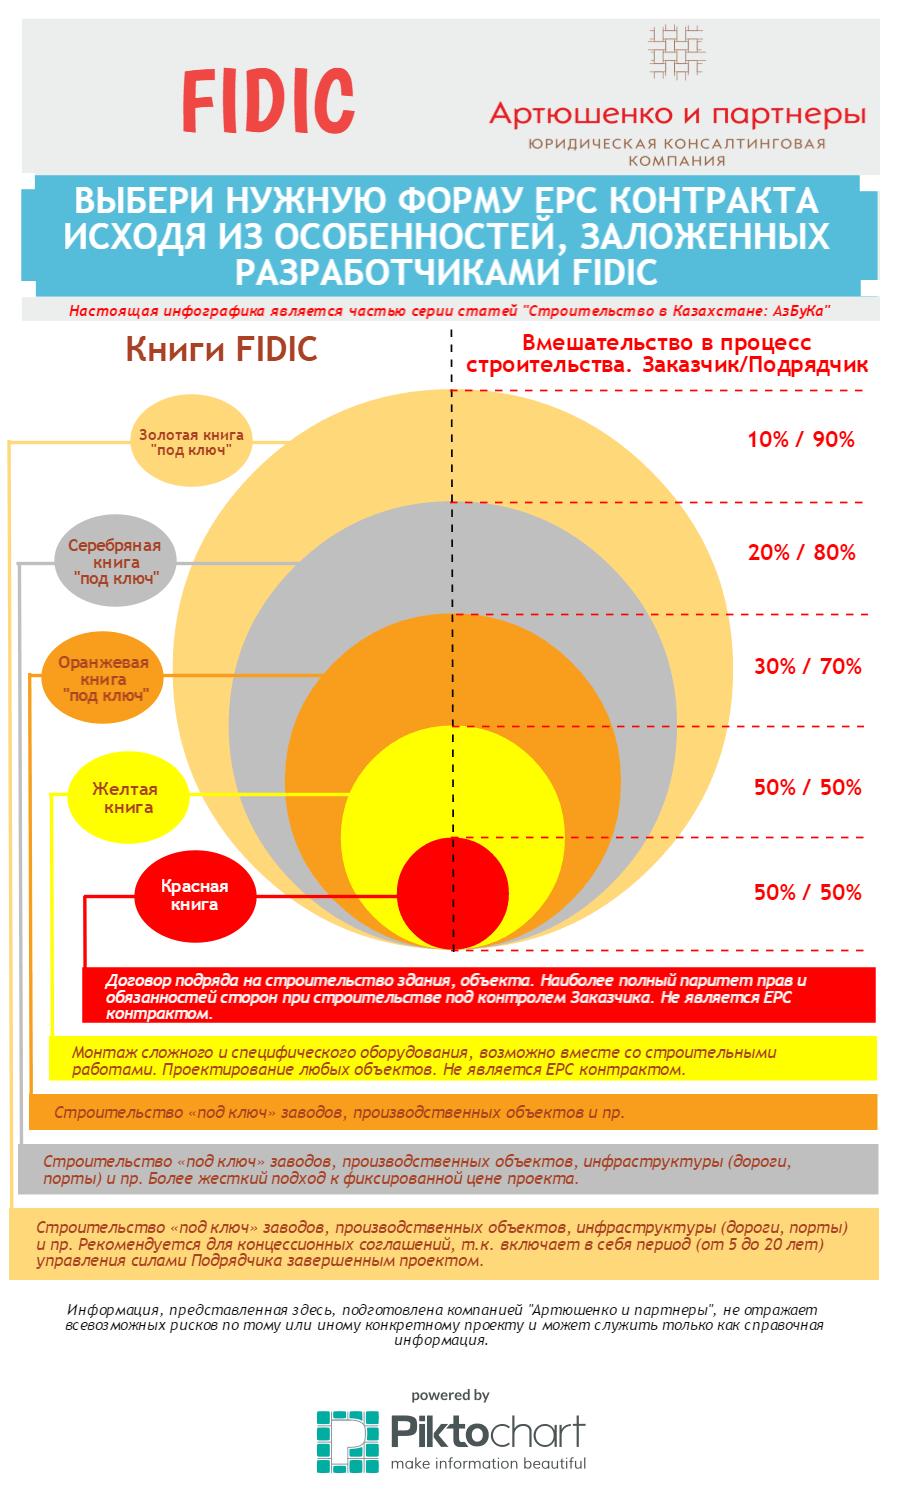 Инфографика. Как правильно выбрать форму EPC контракта, исходя из смысла, заложенного разработчиками FIDIC.